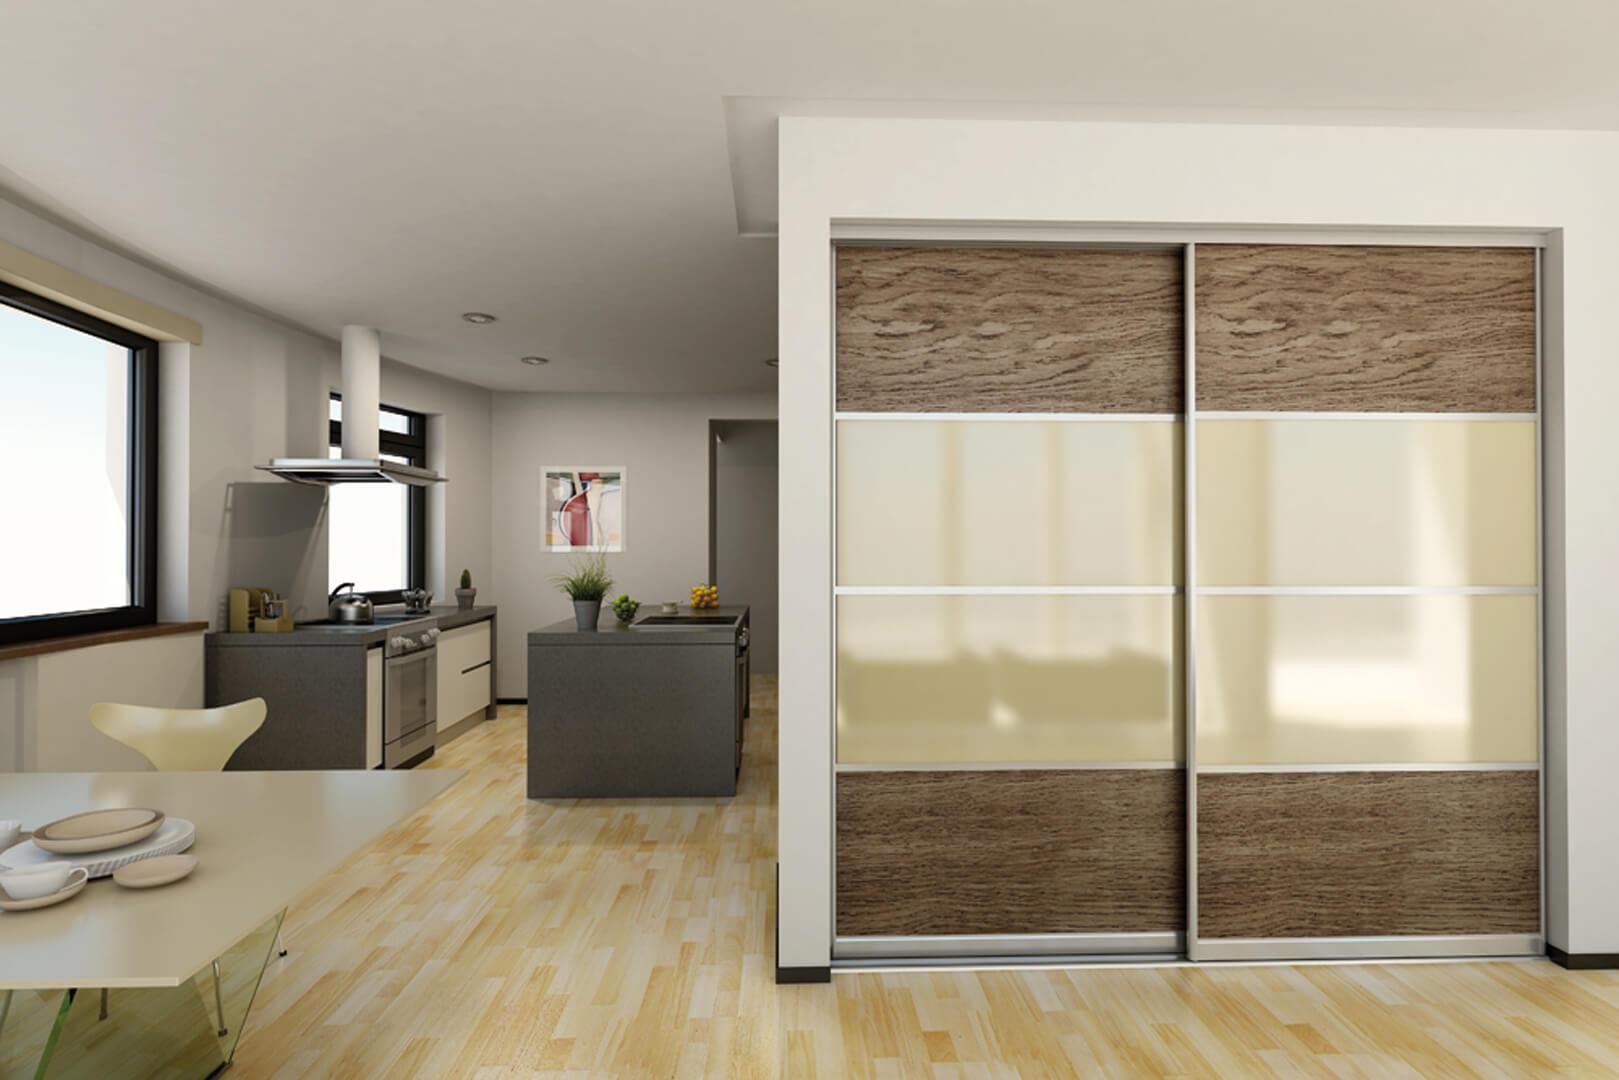 Ciemno-brązowe drzwi przesuwne z szklanymi wstawkami w kolorze beżowym